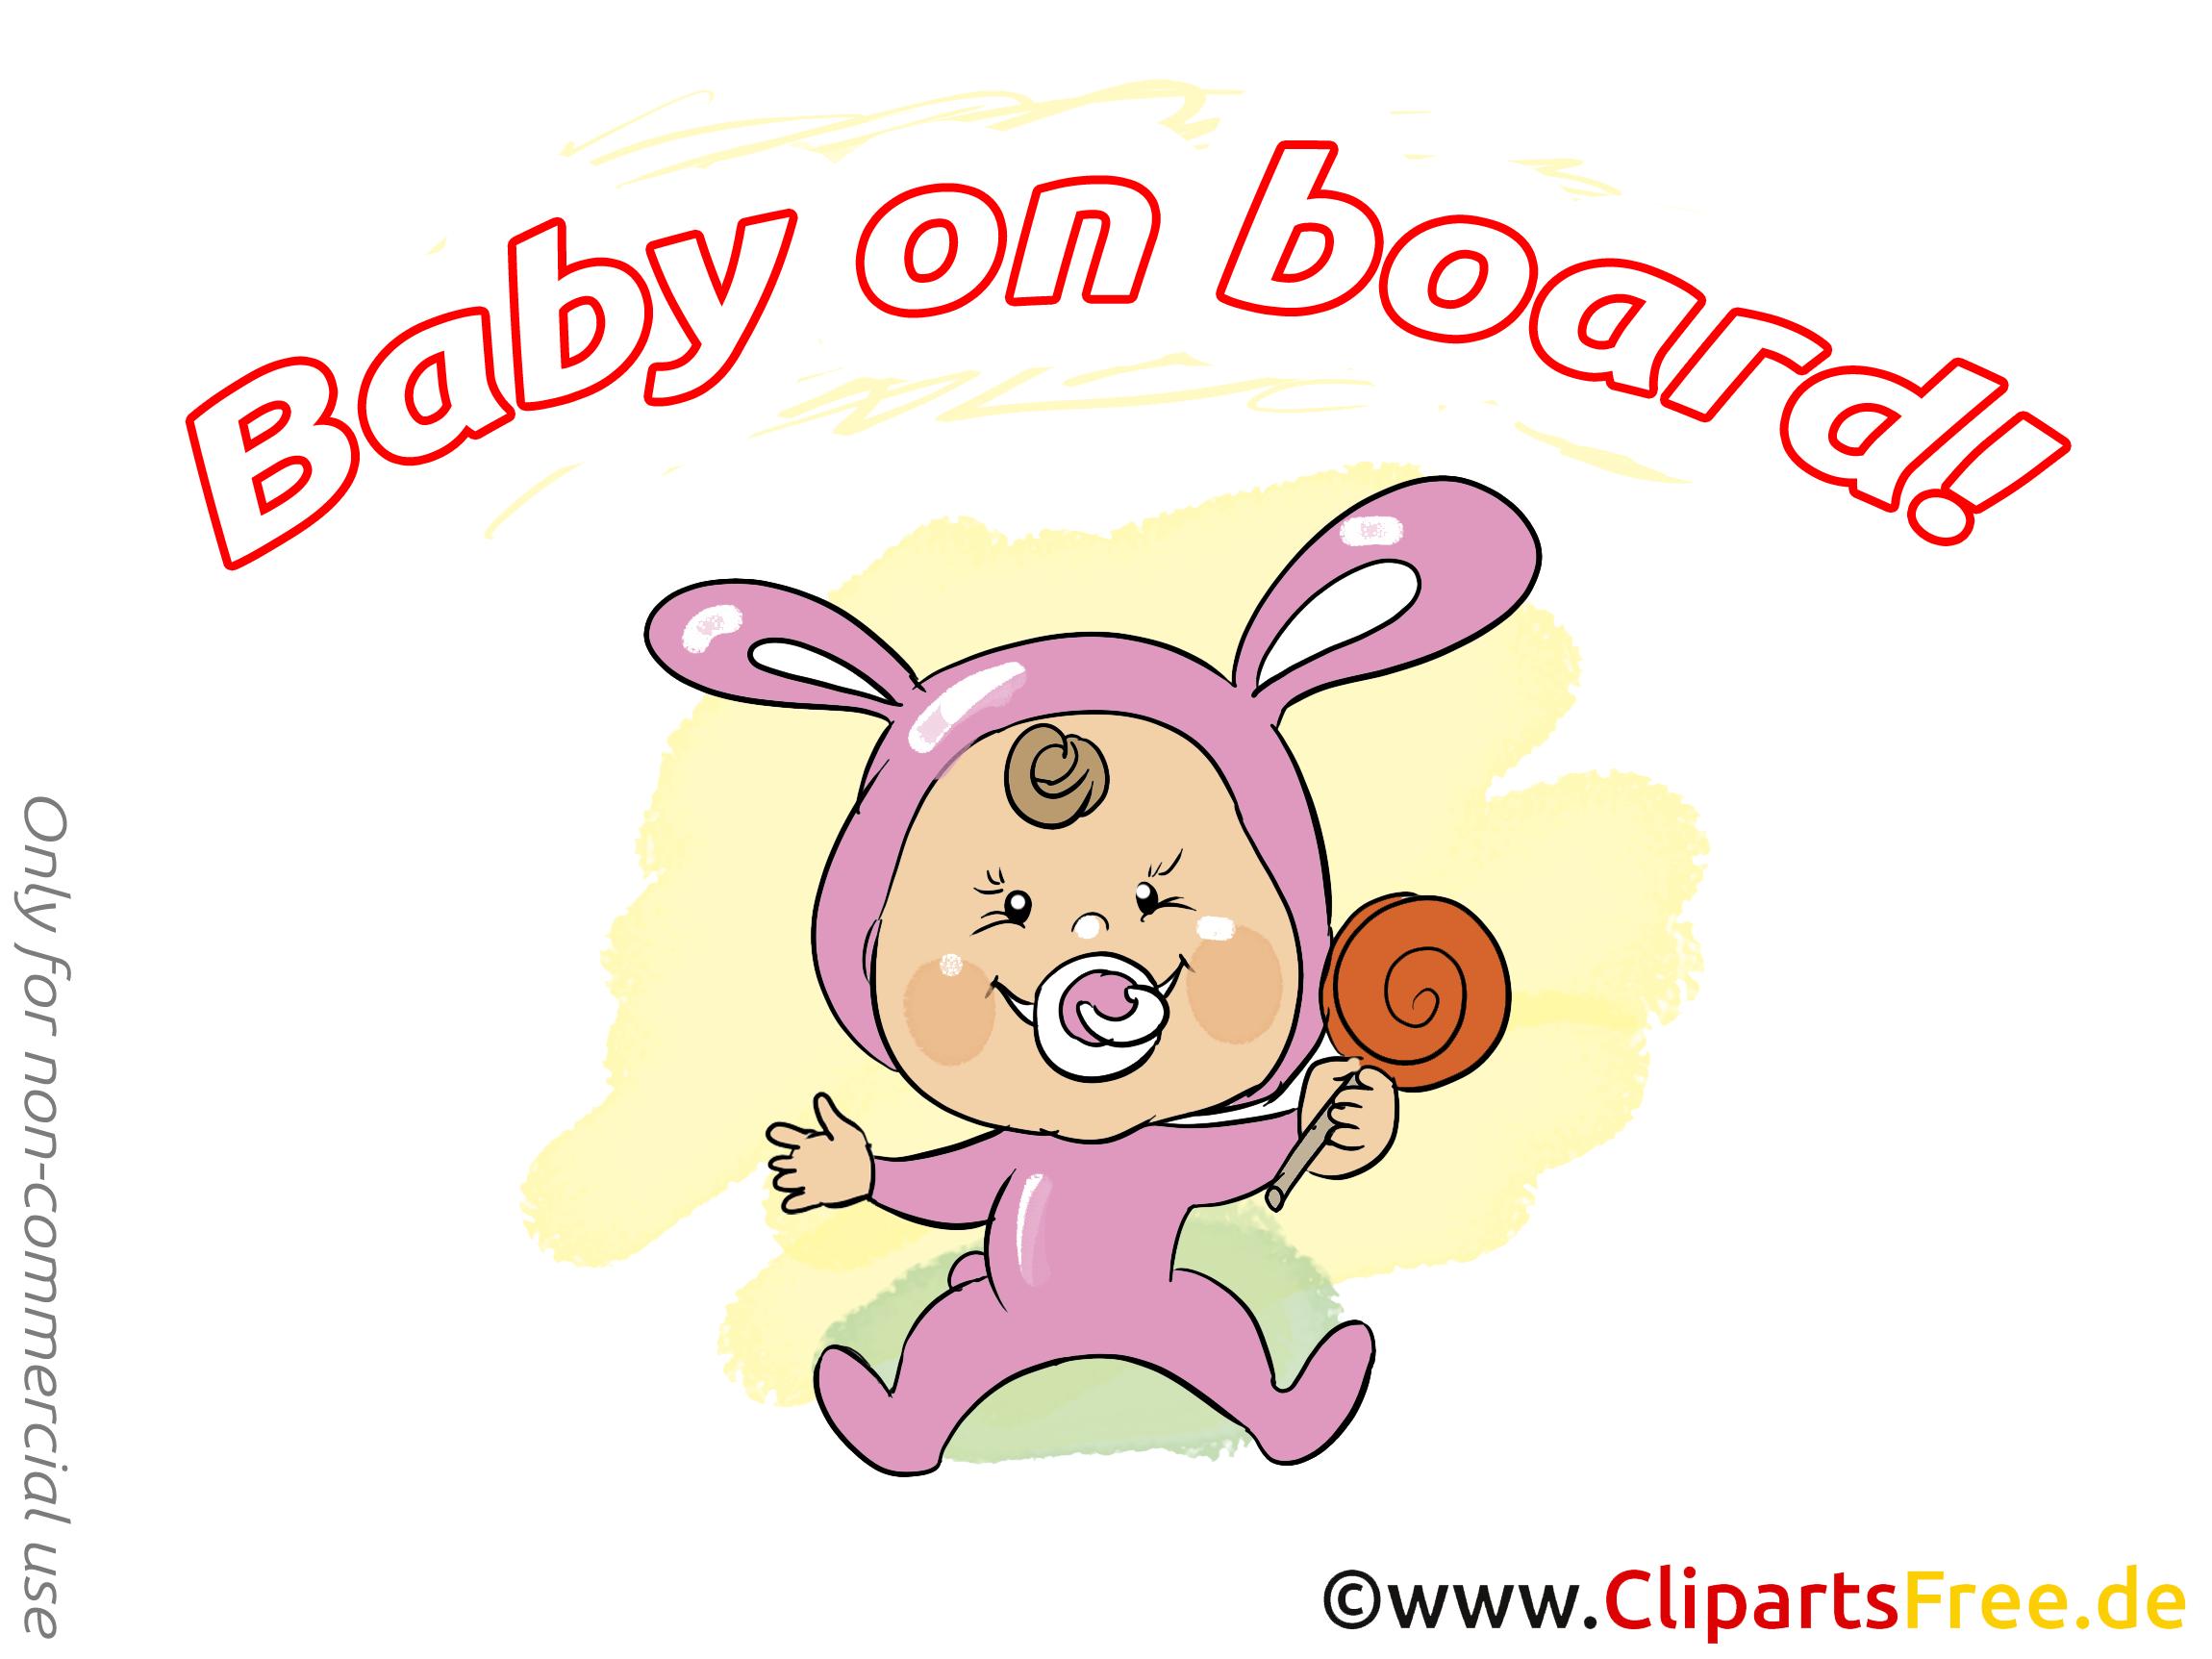 Sucette clip art gratuit – Bébé à bord images